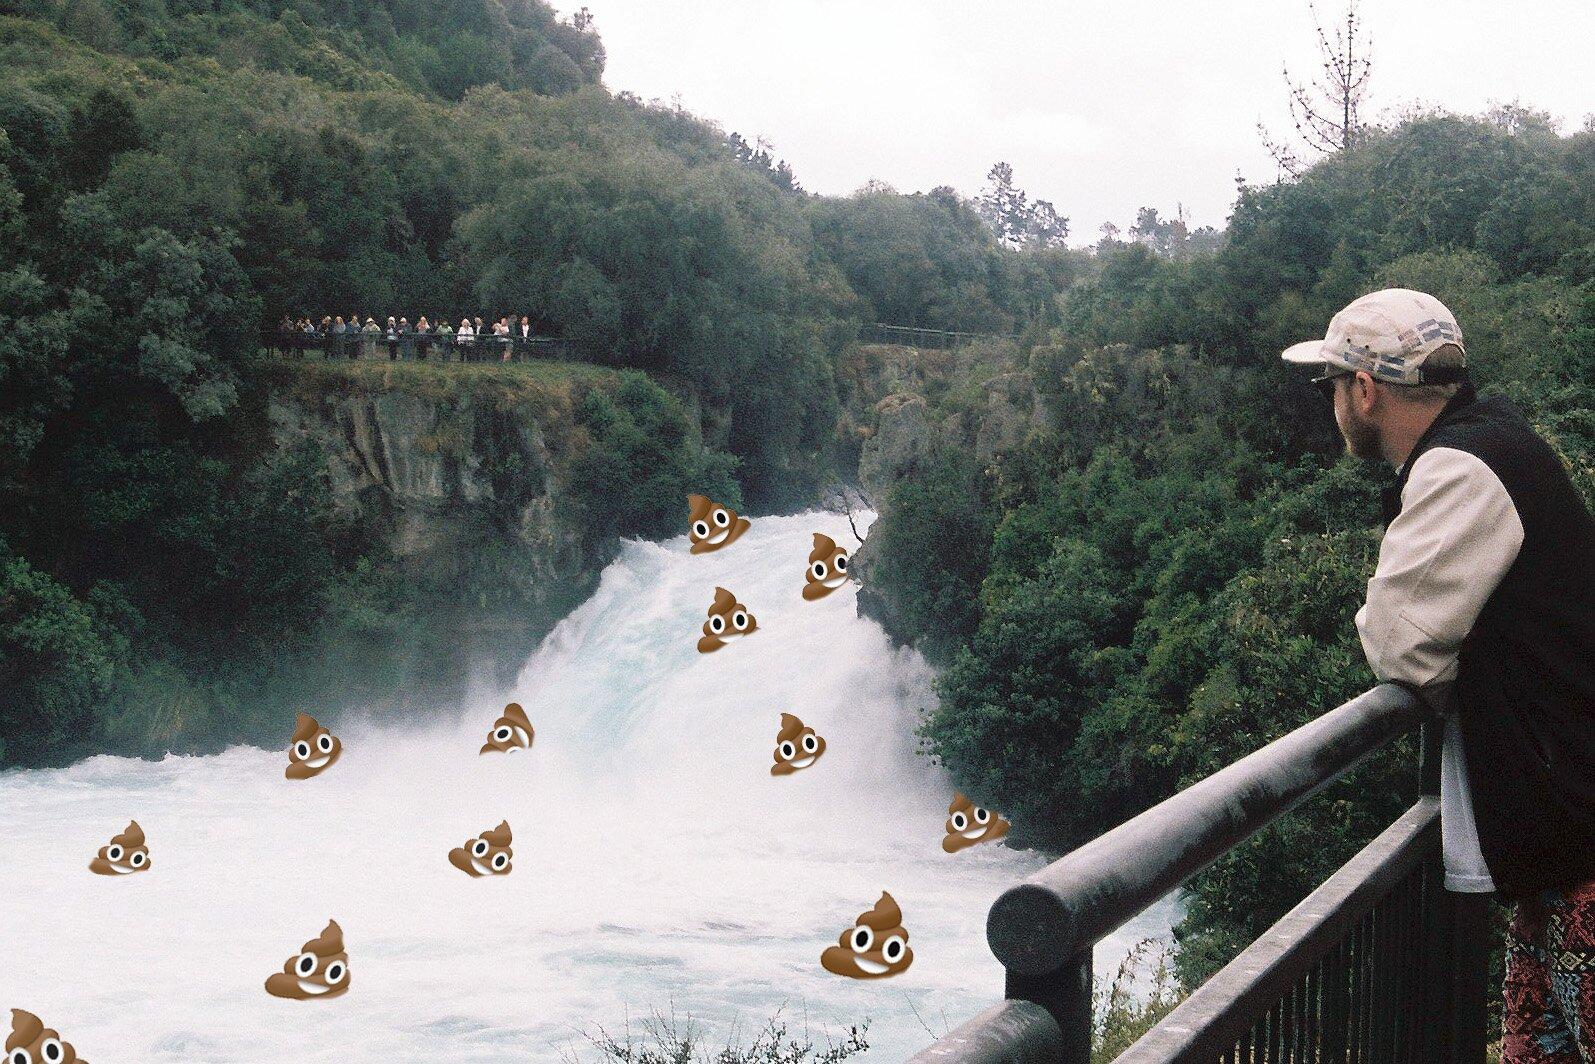 Poo in river